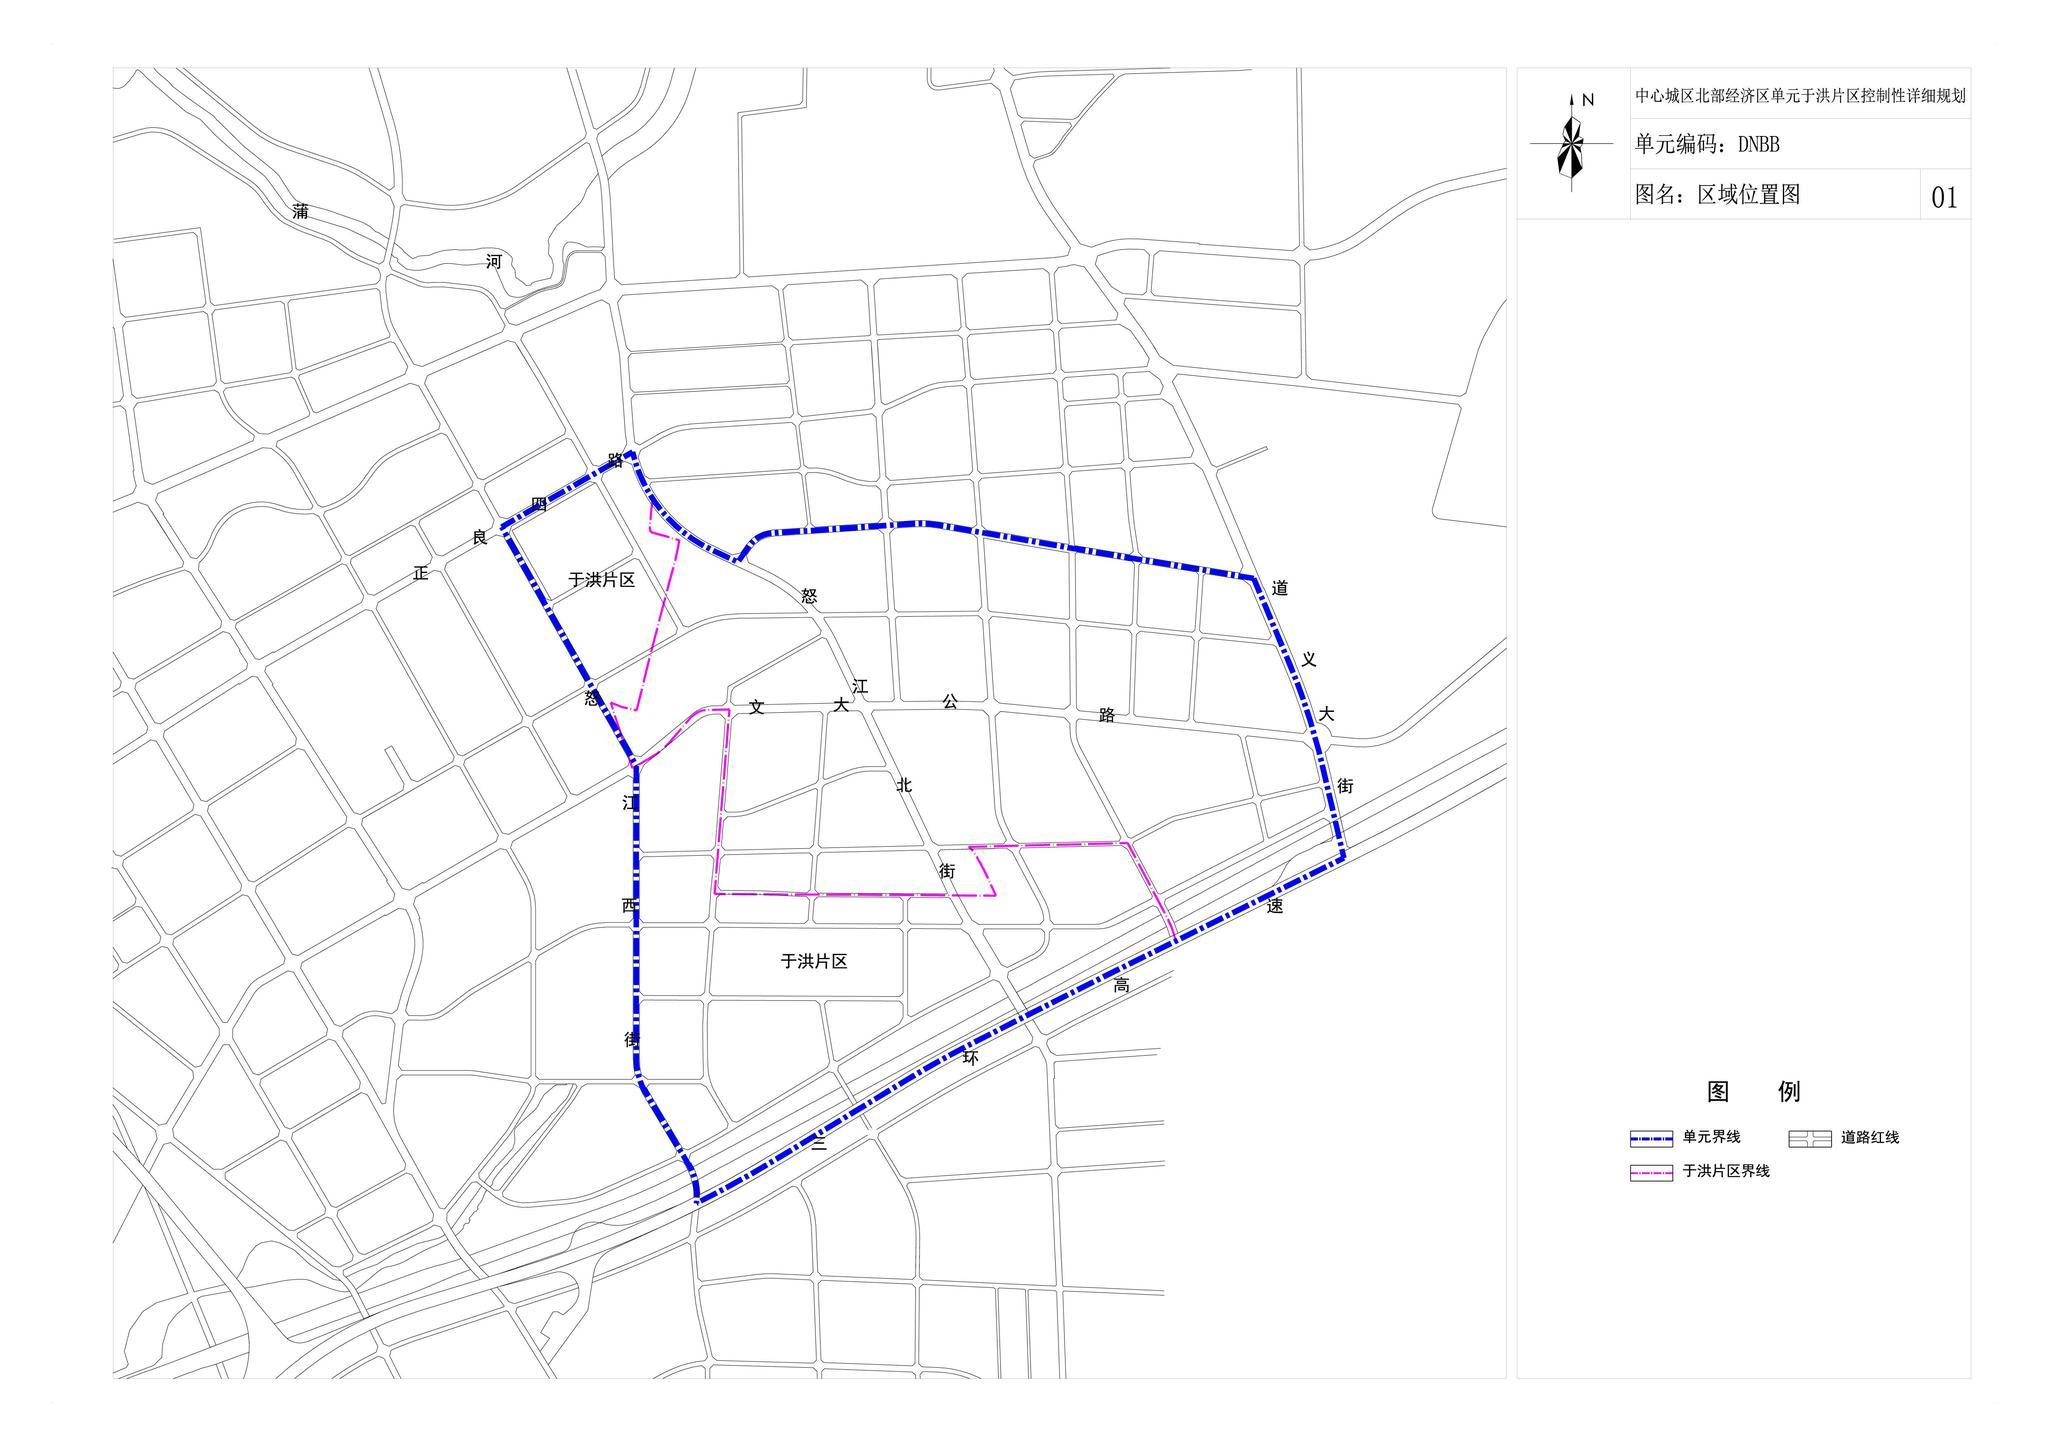 于洪区北部经济区规划定调 定位为城市现代化的居住片区